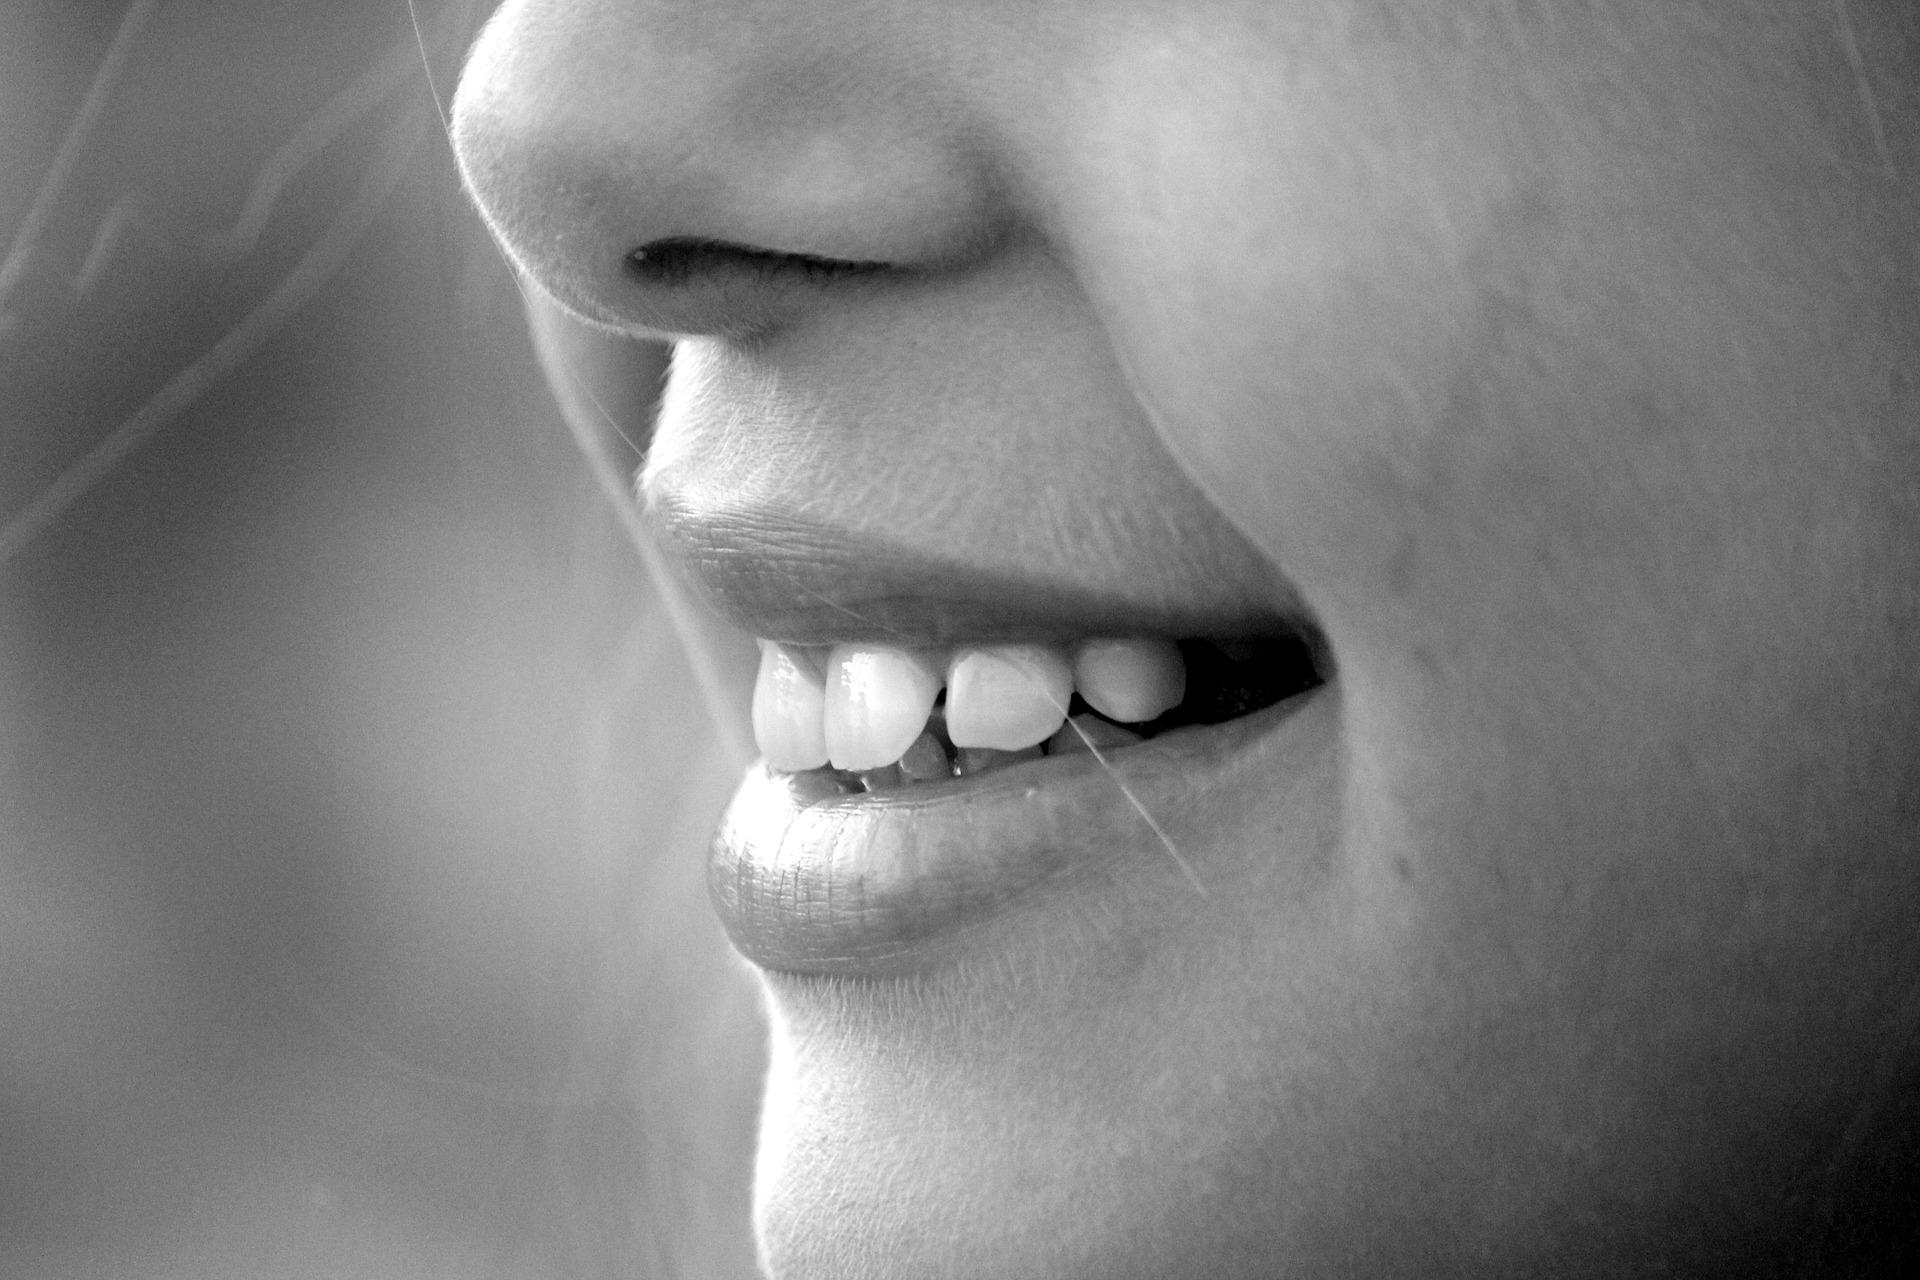 Zadbaj o proste zęby swojego dziecka